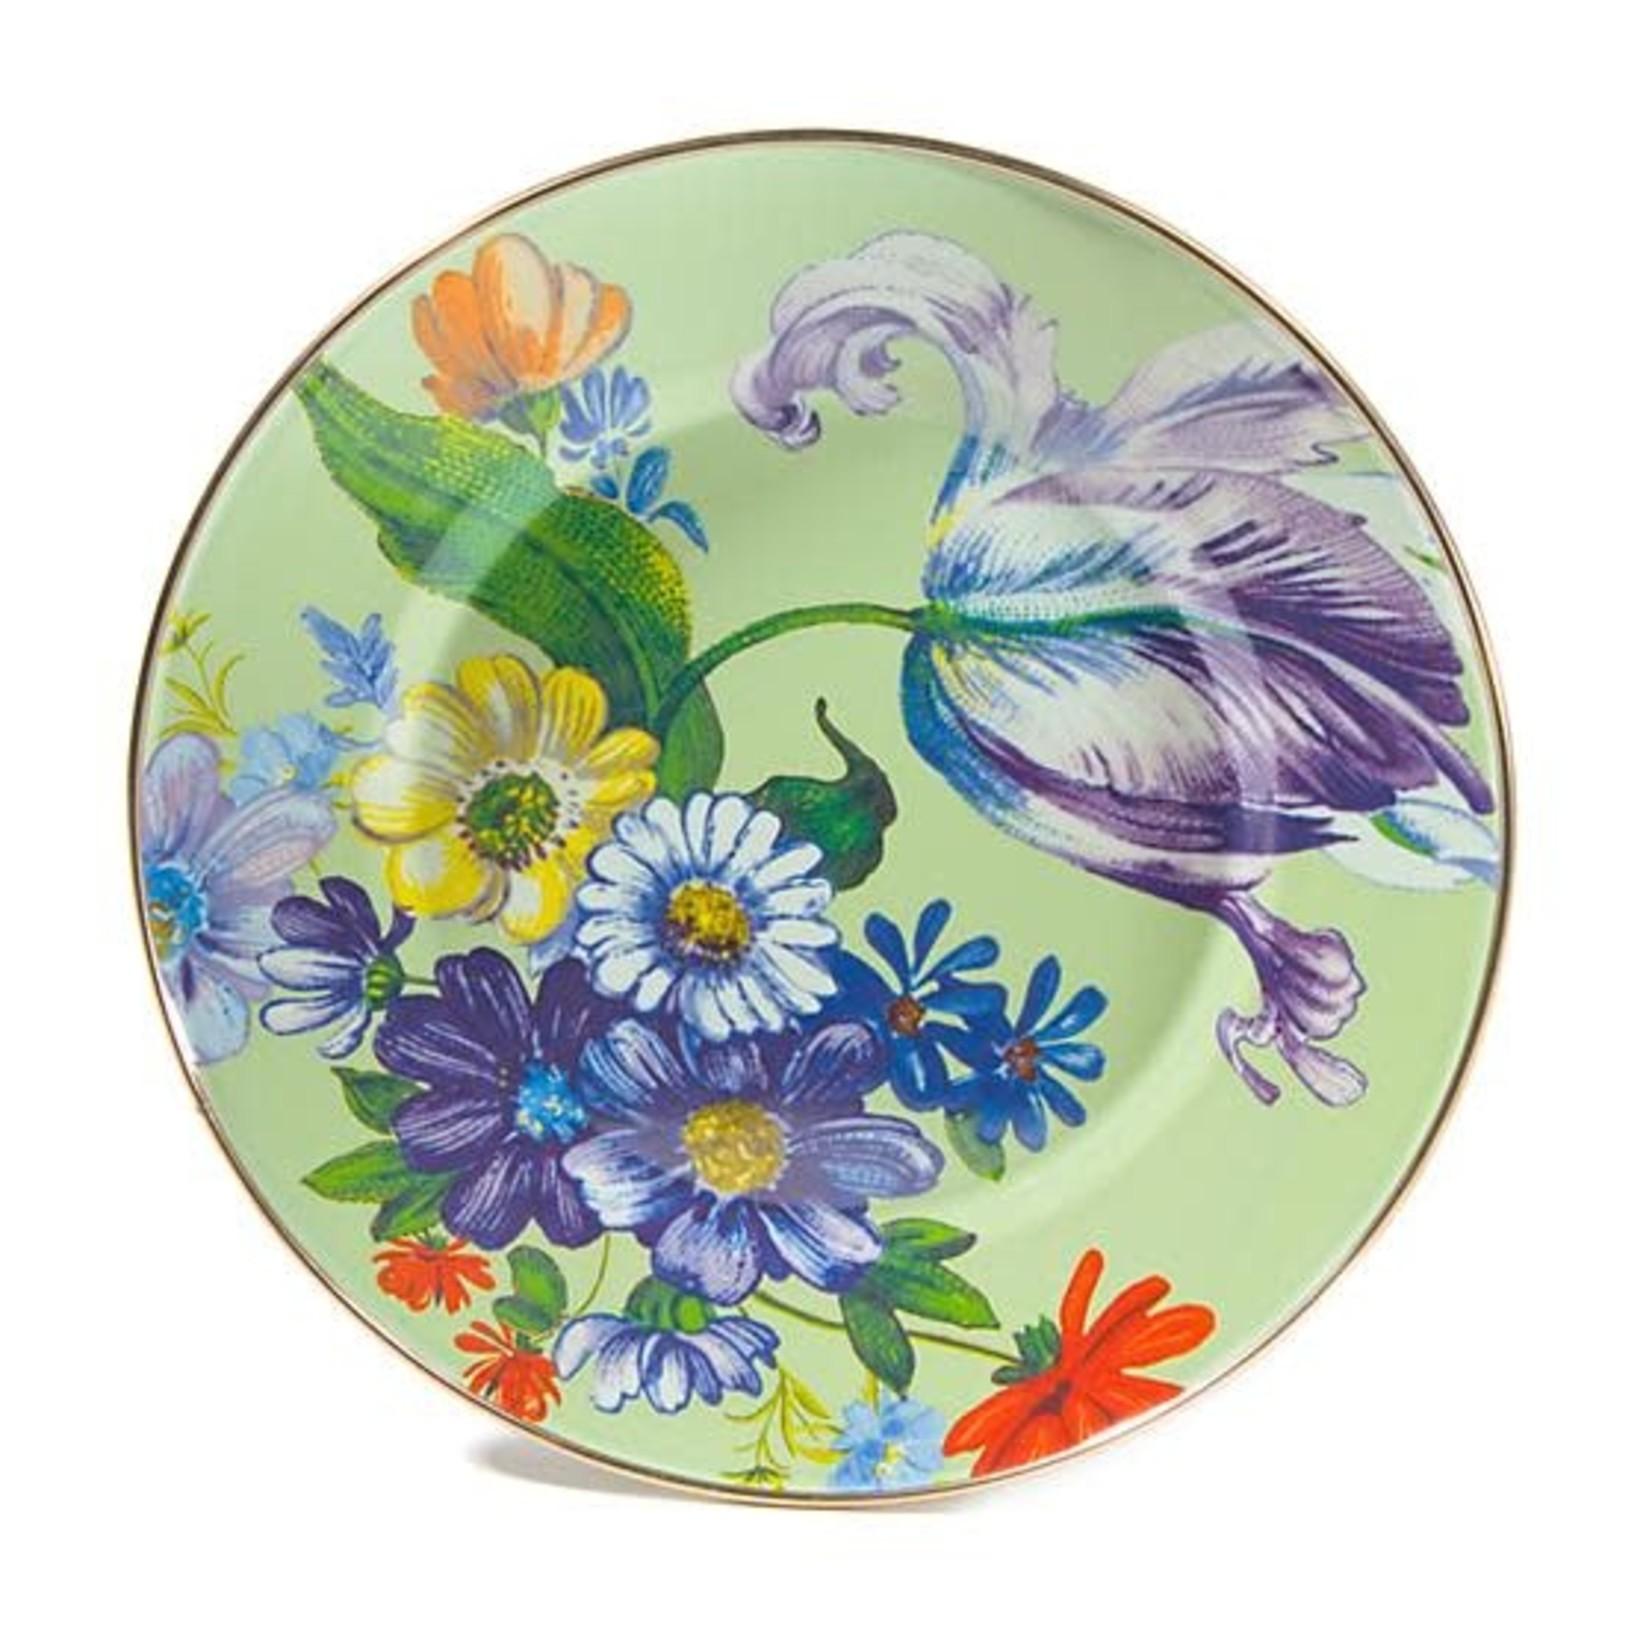 MacKenzie Childs Flower Market Dinner Plate - Green